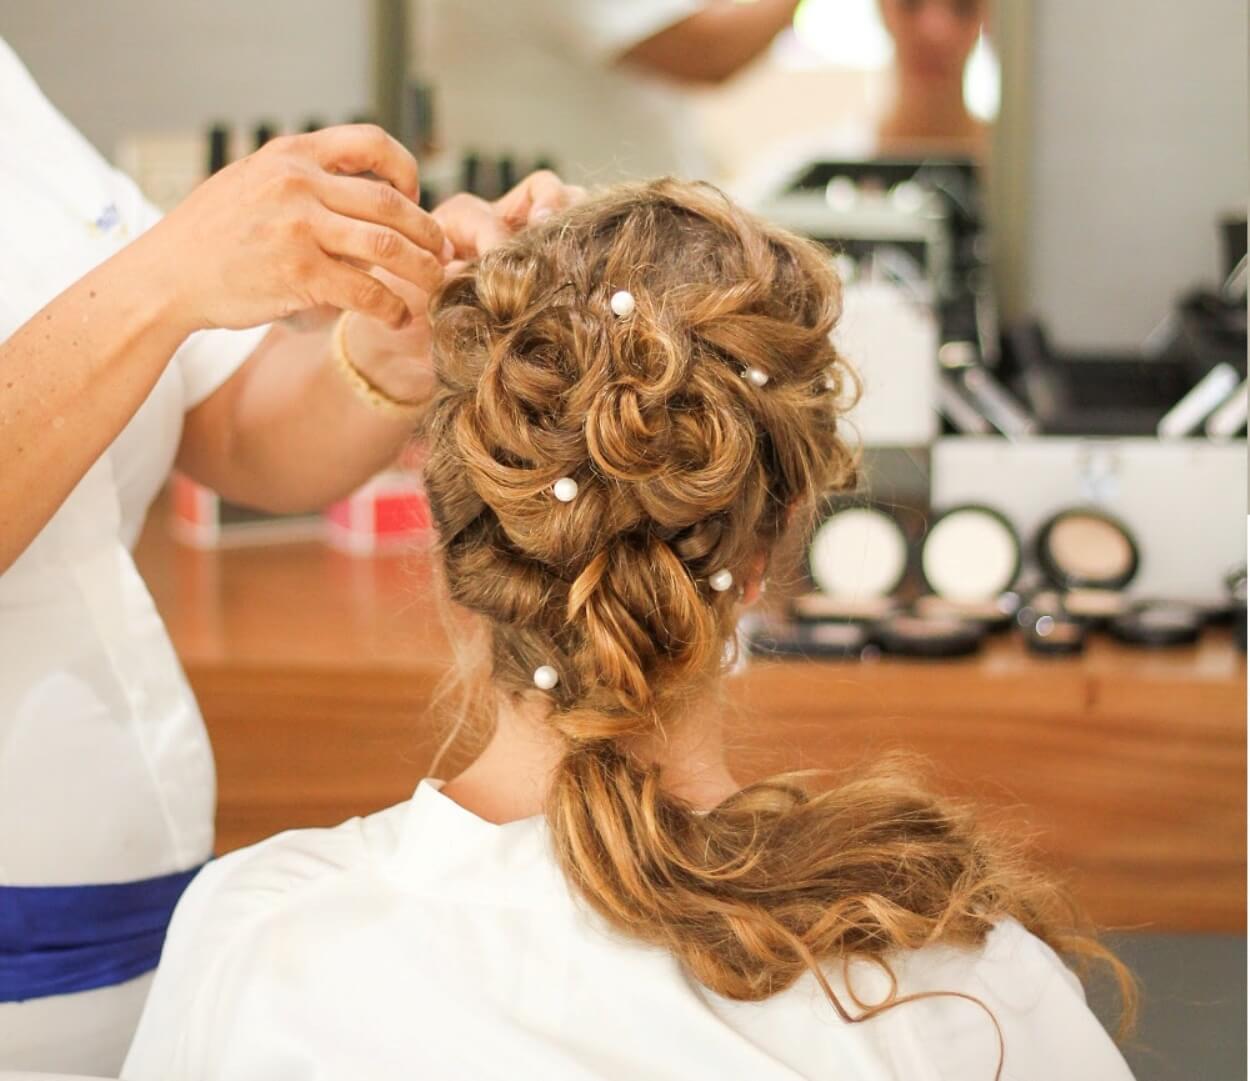 A rede de hiperlojas Ikesaki oferece cursos para profissionais de beleza em São Paulo e Osasco!